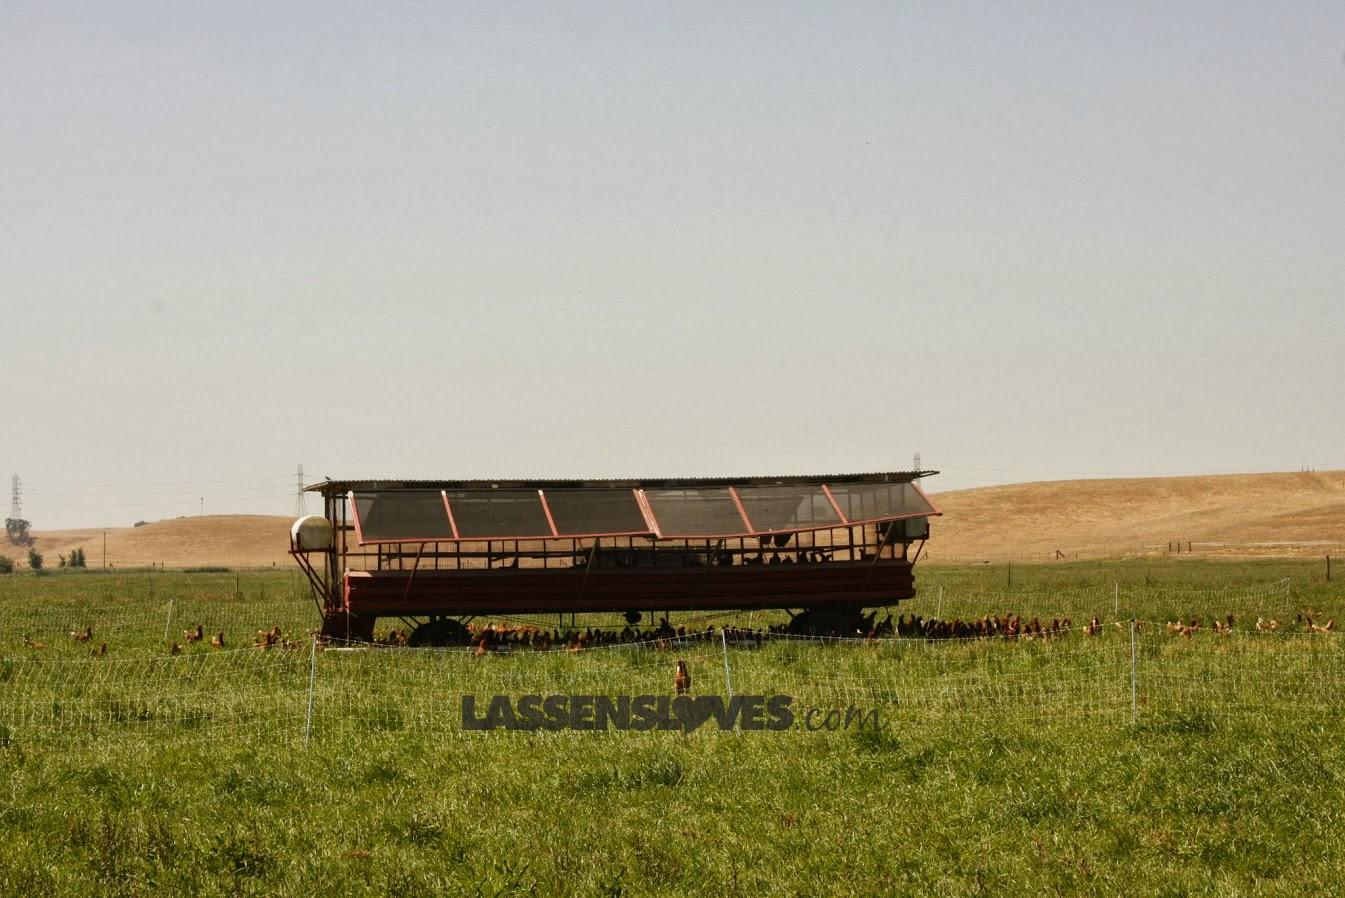 lassensloves.com, Lassen's, Lassens, Burroughs+Family+Farm+Eggs, Burroughs+Eggs